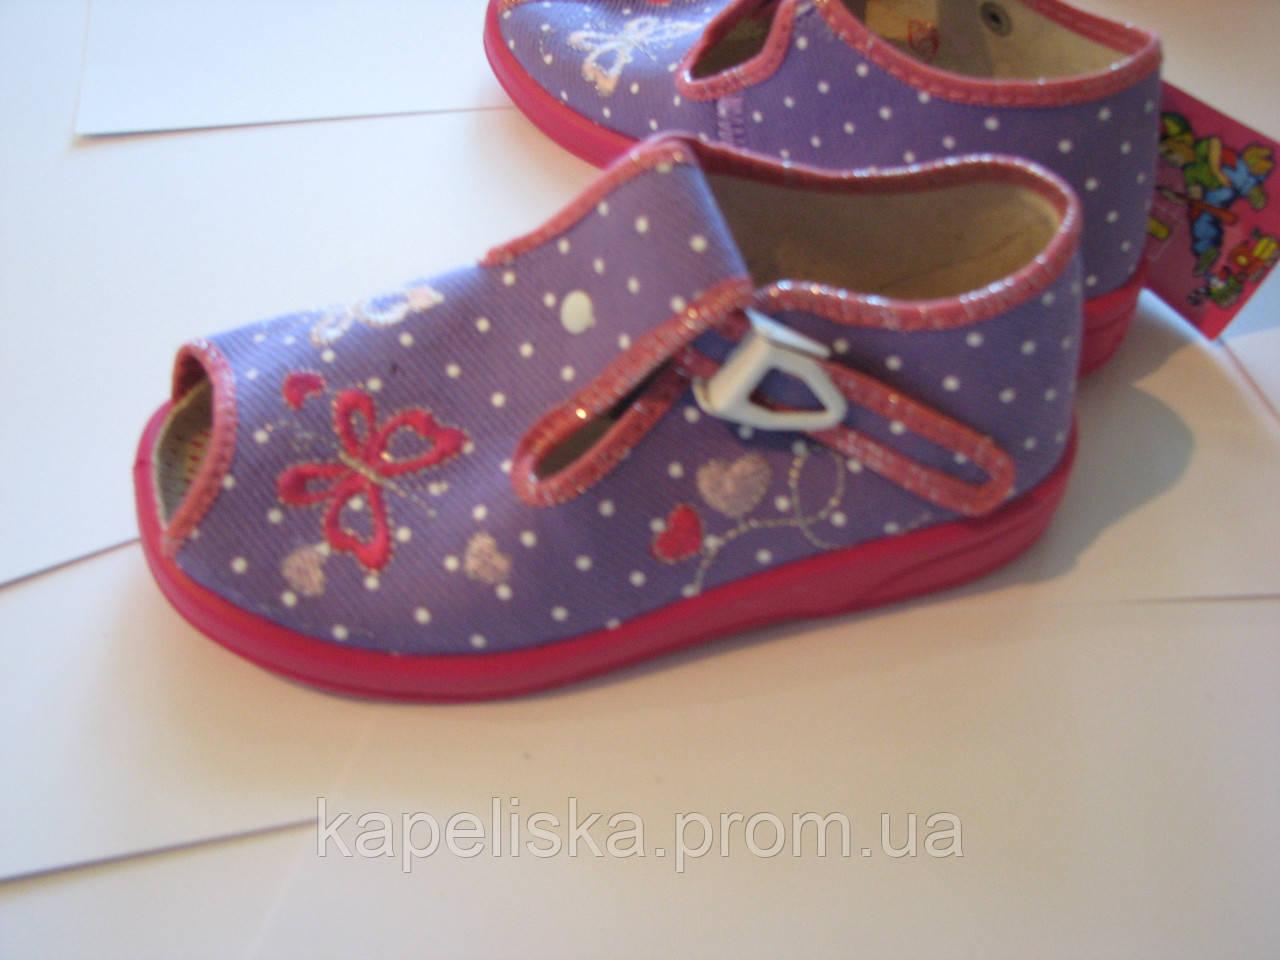 Zetpol Marcelina  Марселіна тапочки для девочки, босоножки , босоніжки 2